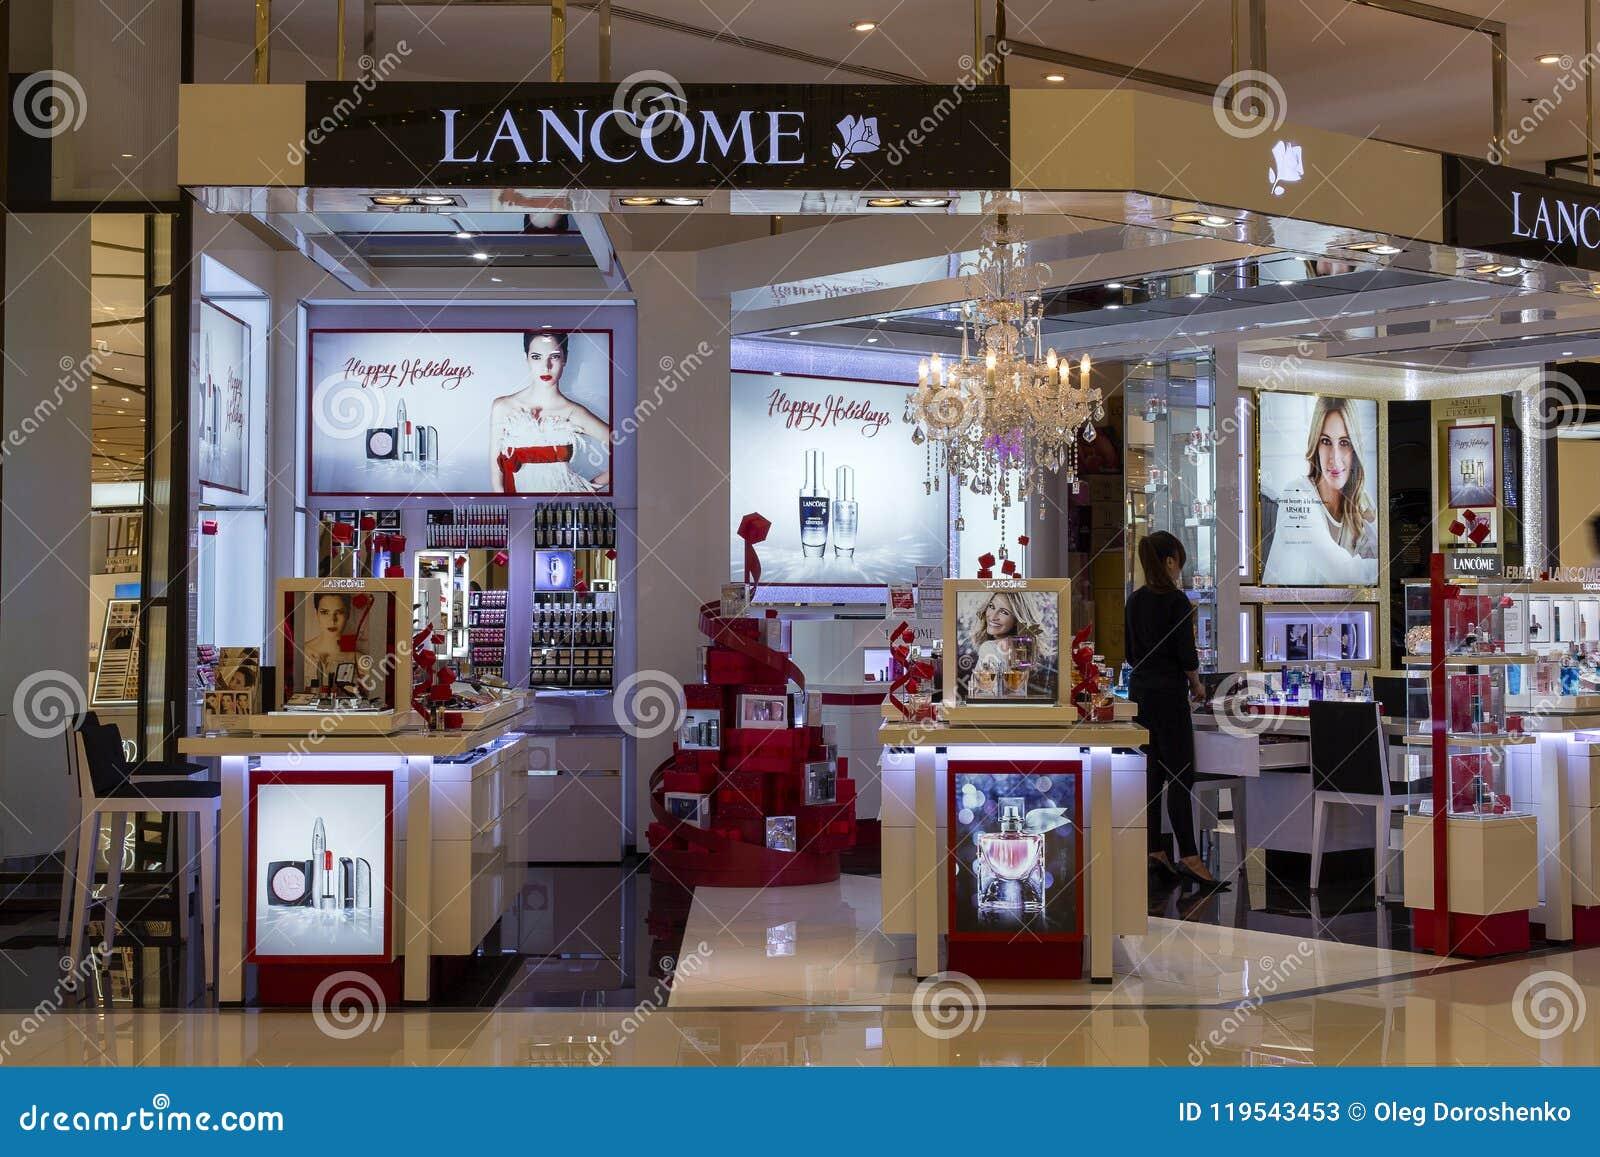 e68e92edaa1 Lancome Shop In Siam Paragon Mall